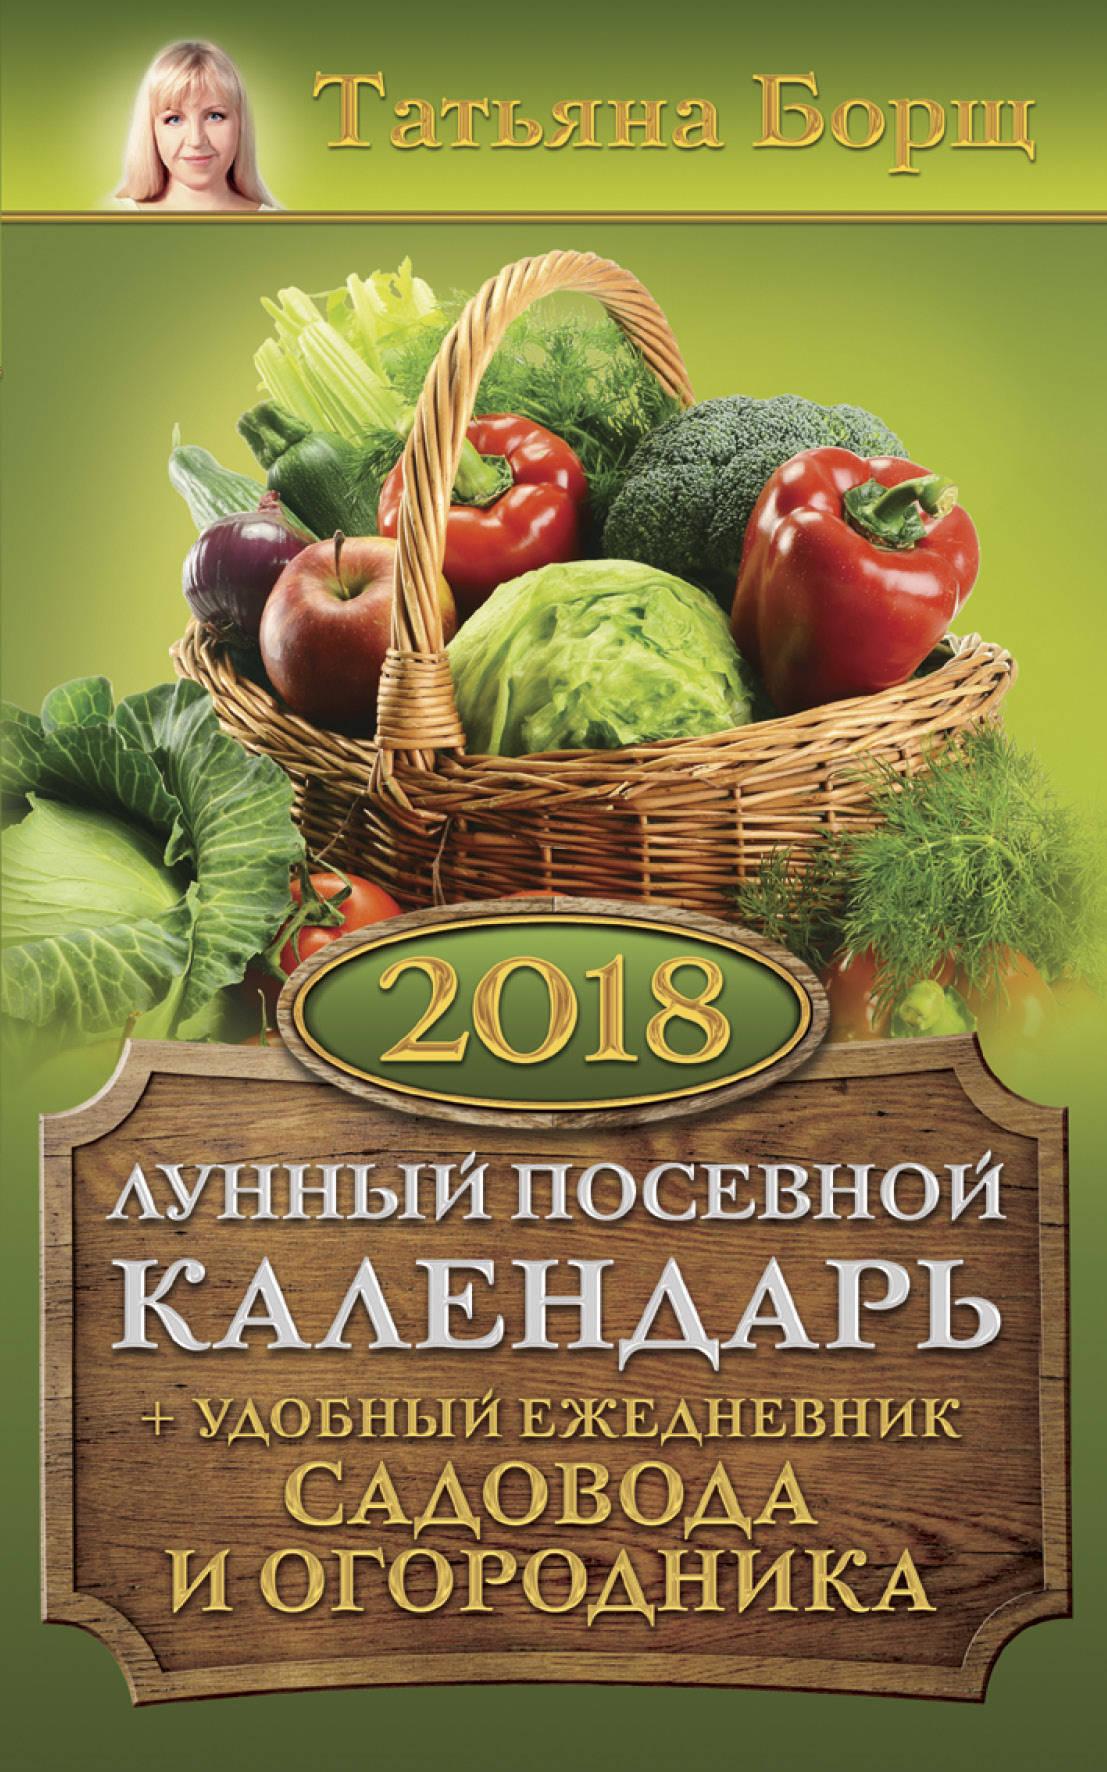 Лунный посевной календарь на 2018 год + удобный ежедневник садовода и огородника   Борщ Татьяна